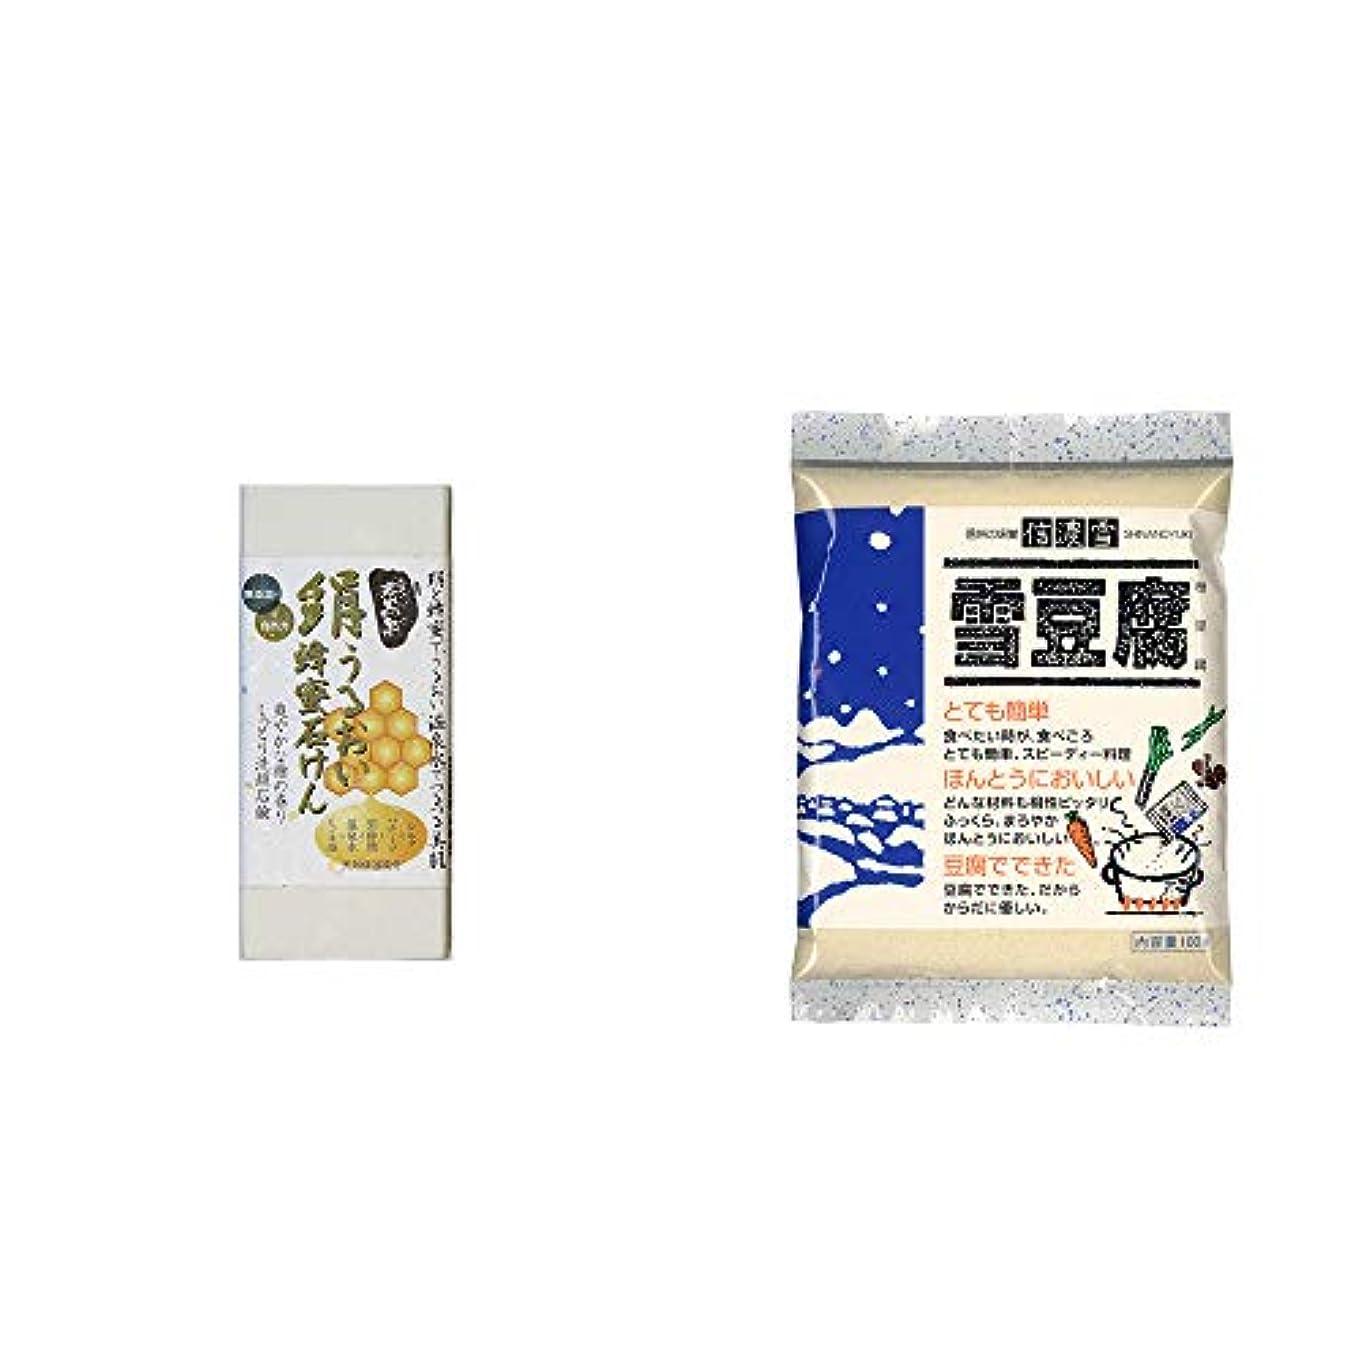 遺跡申請者小説家[2点セット] ひのき炭黒泉 絹うるおい蜂蜜石けん(75g×2)?信濃雪 雪豆腐(粉豆腐)(100g)